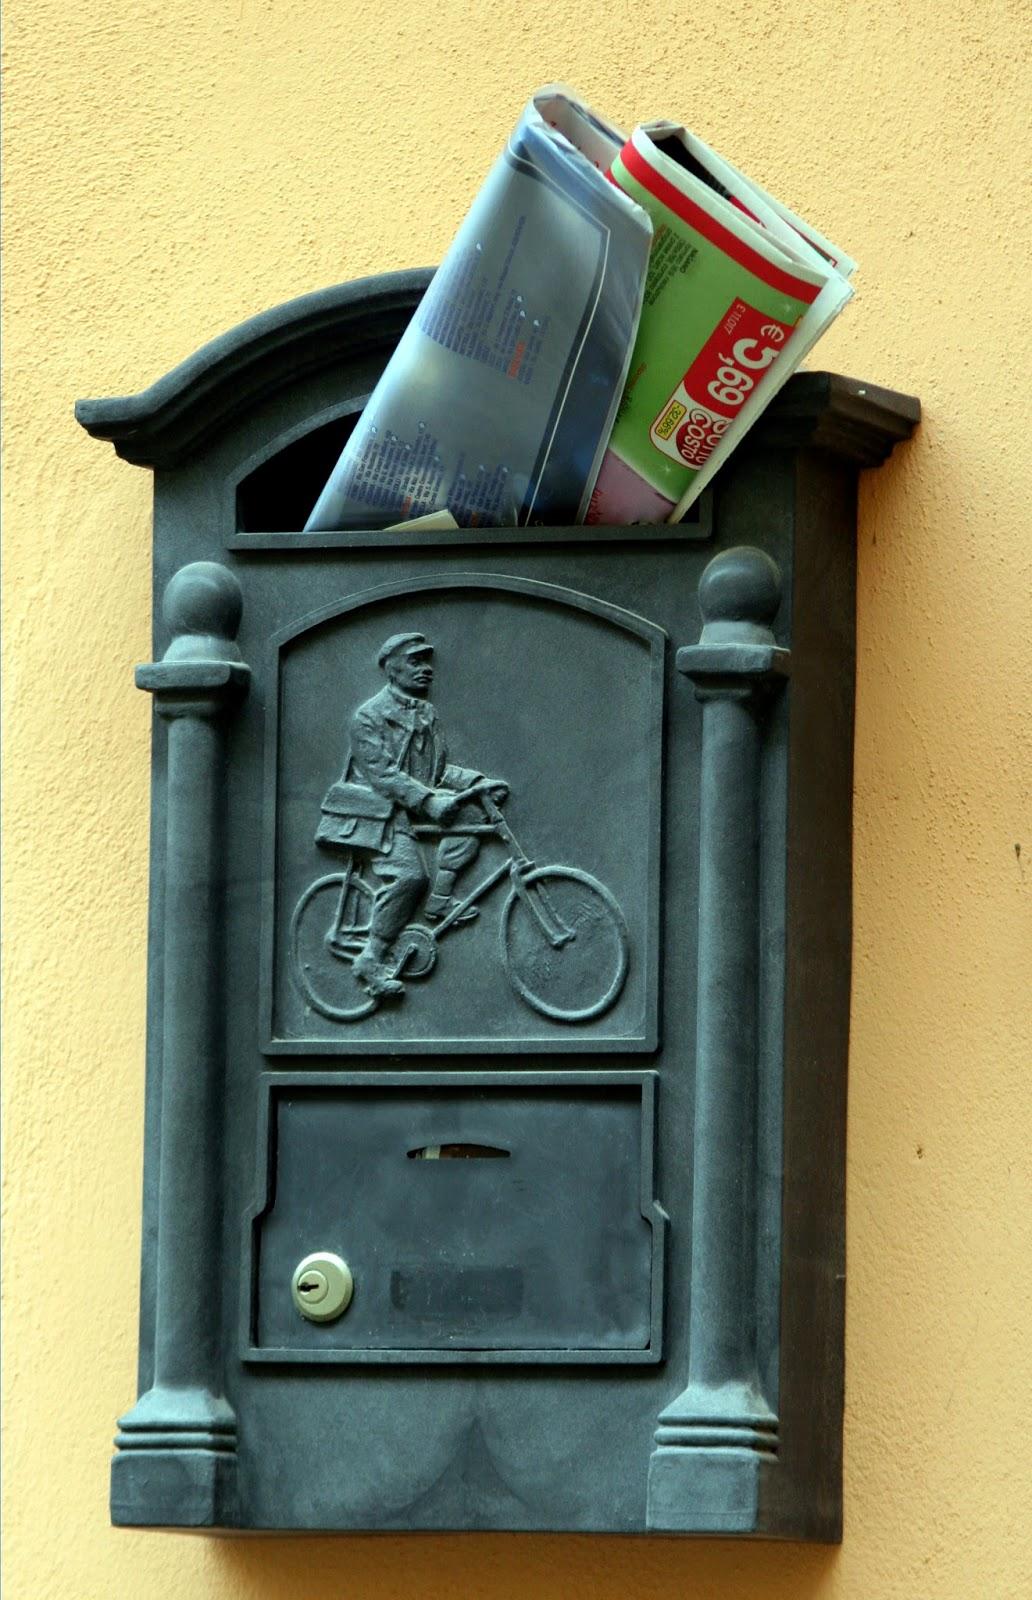 Eliminate junk mail.